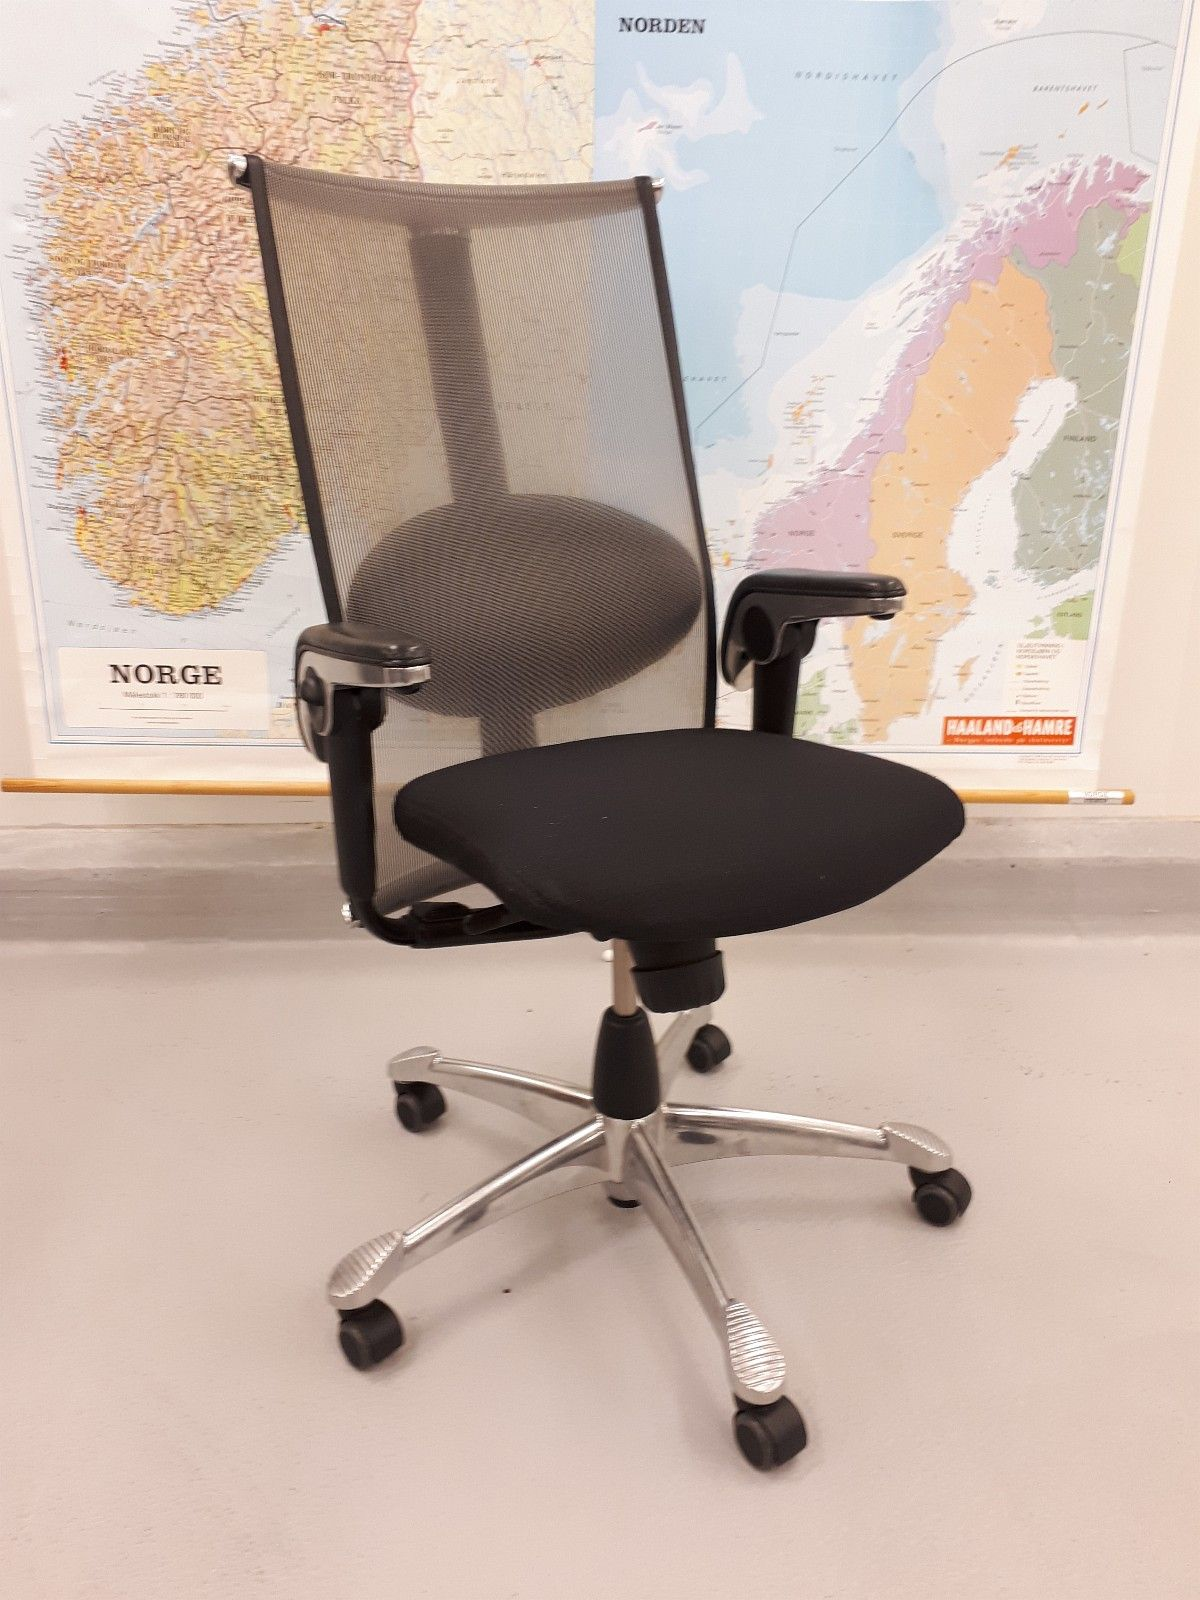 HÅG kontorstol hjul | FINN.no